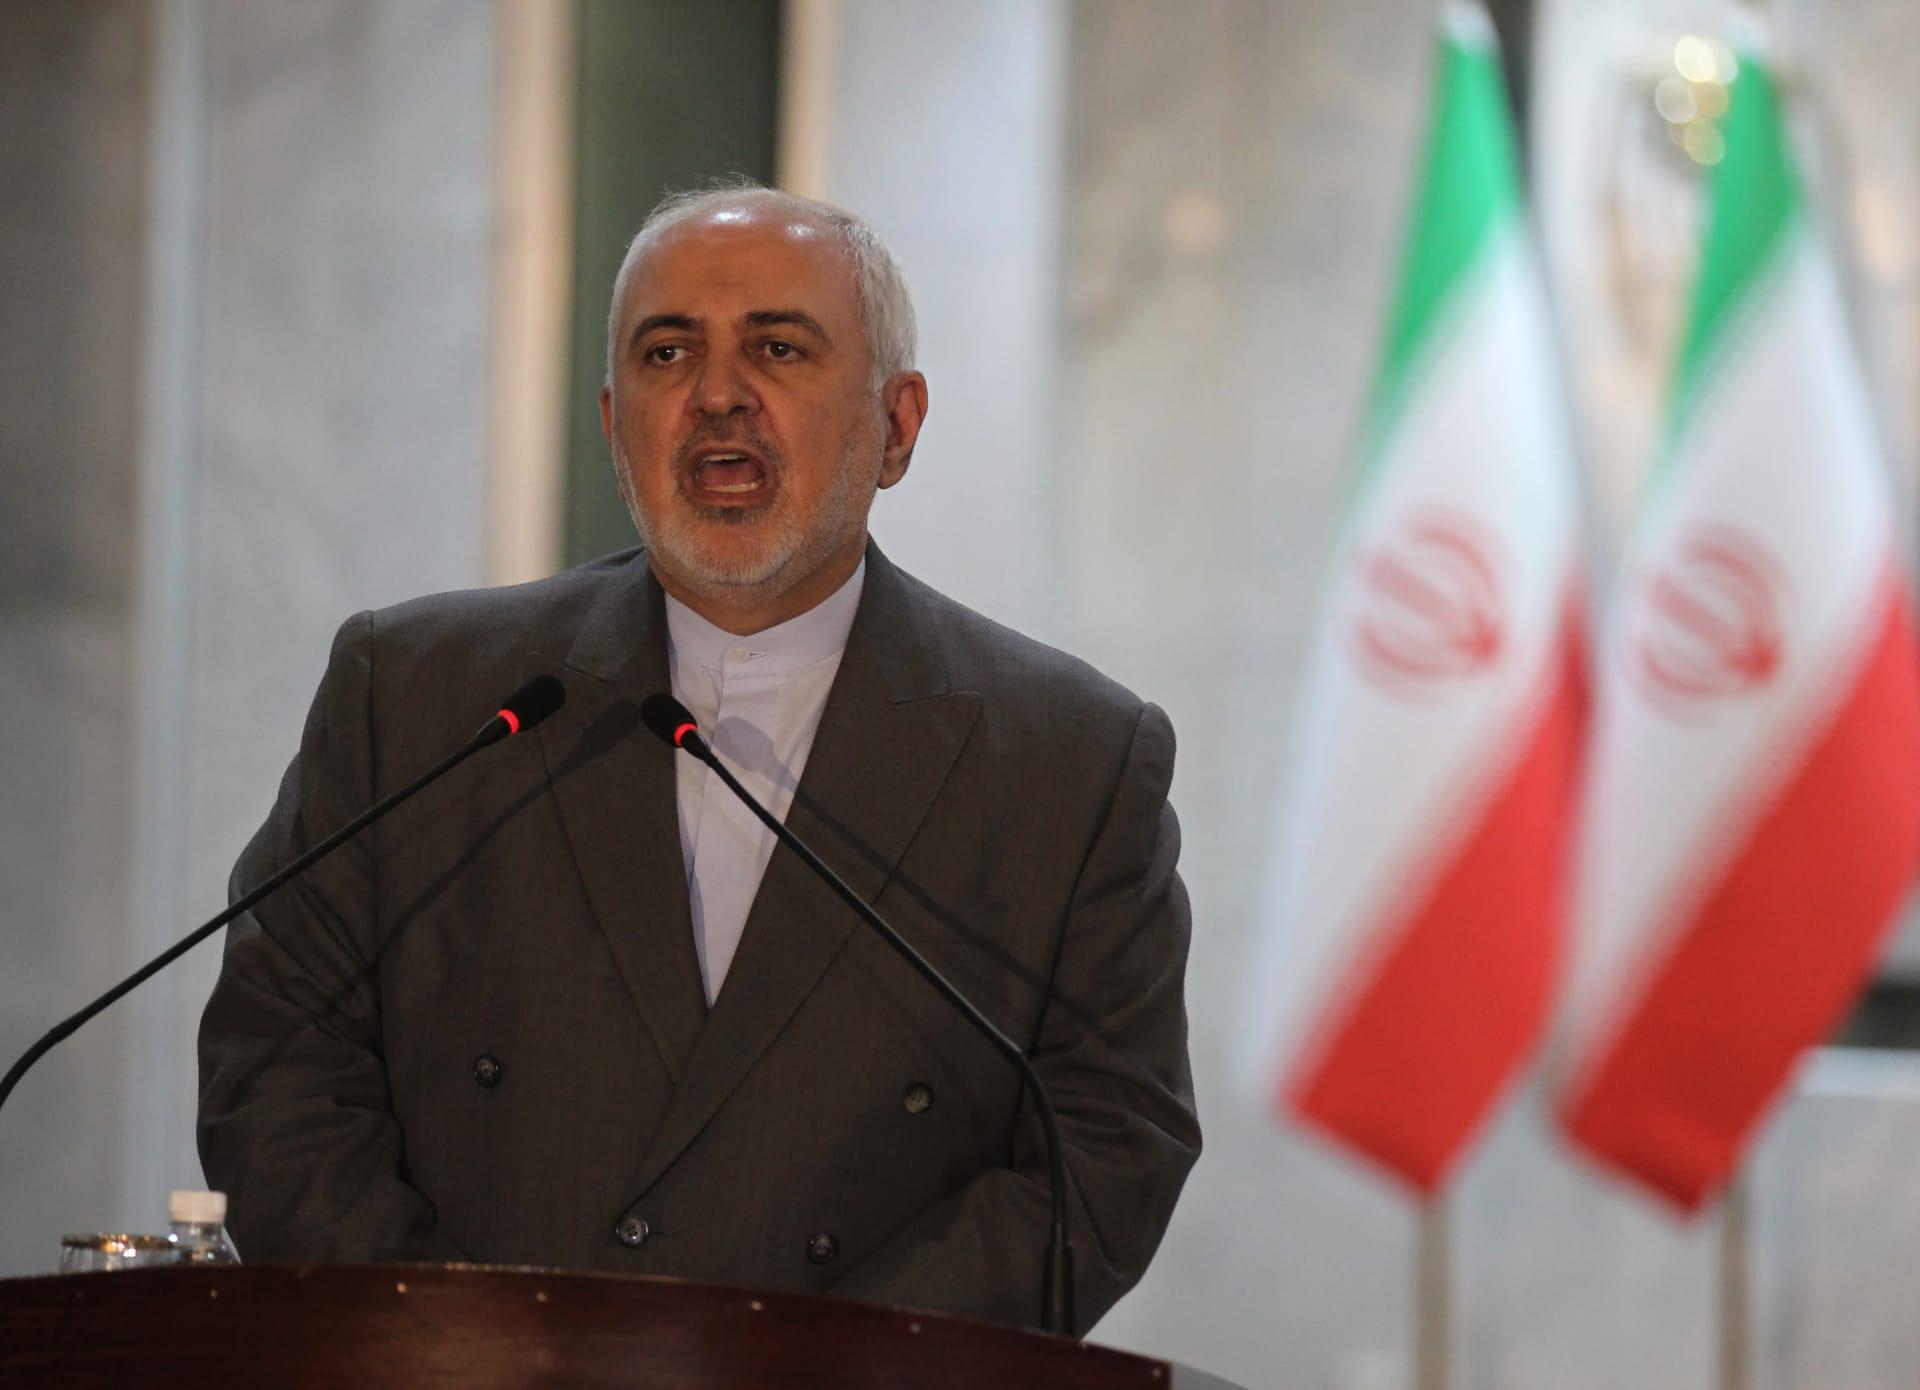 """ظريف: إرسال قاذفات قنابل أمريكية """"ذريعة حرب"""".. وإيران ستدافع عن نفسها """"علانية ومباشرة"""""""